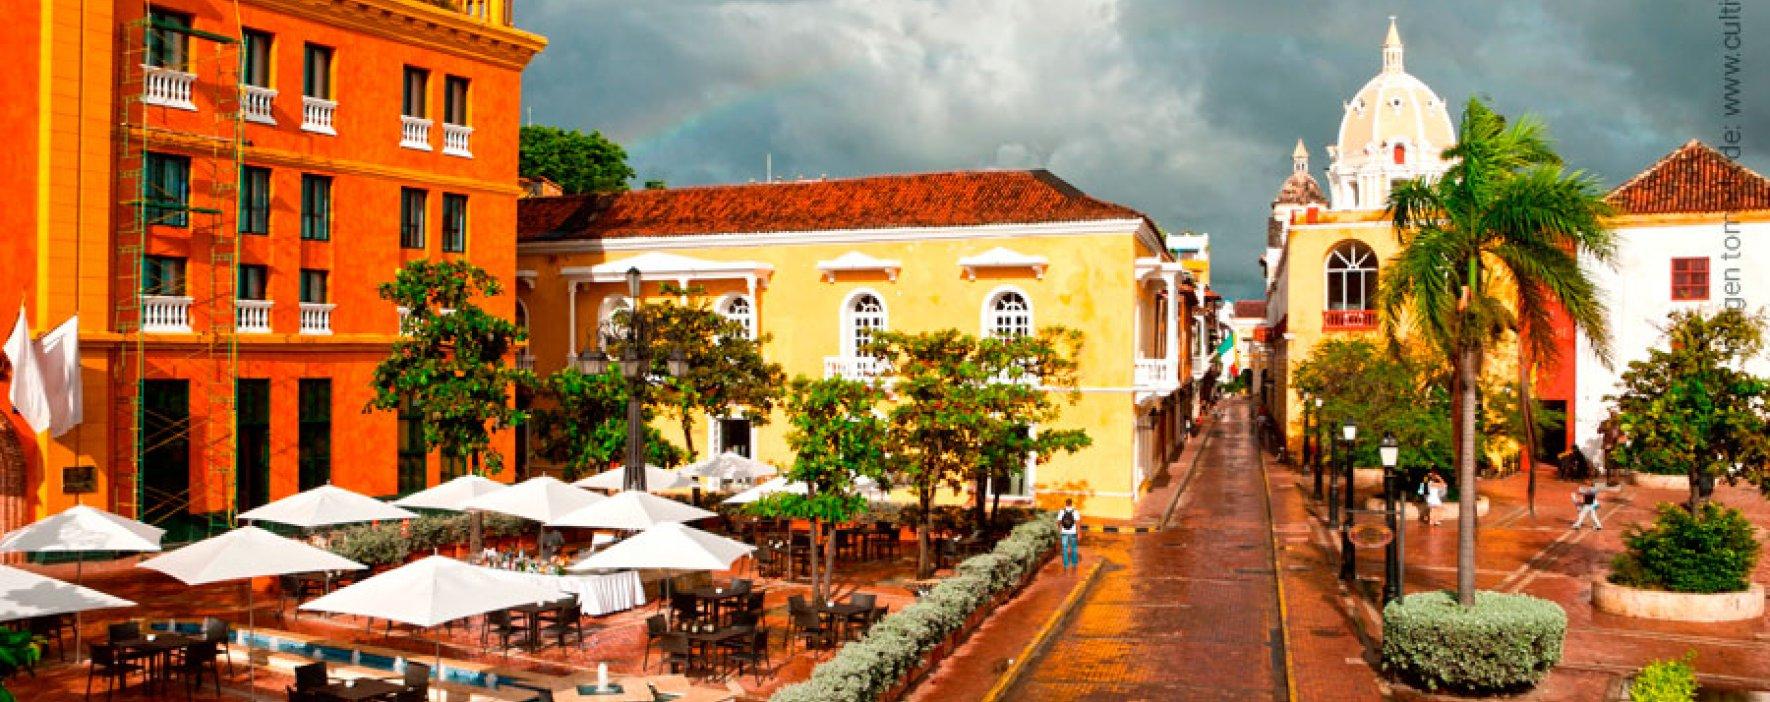 El turno es para los voluntarios en Cartagena